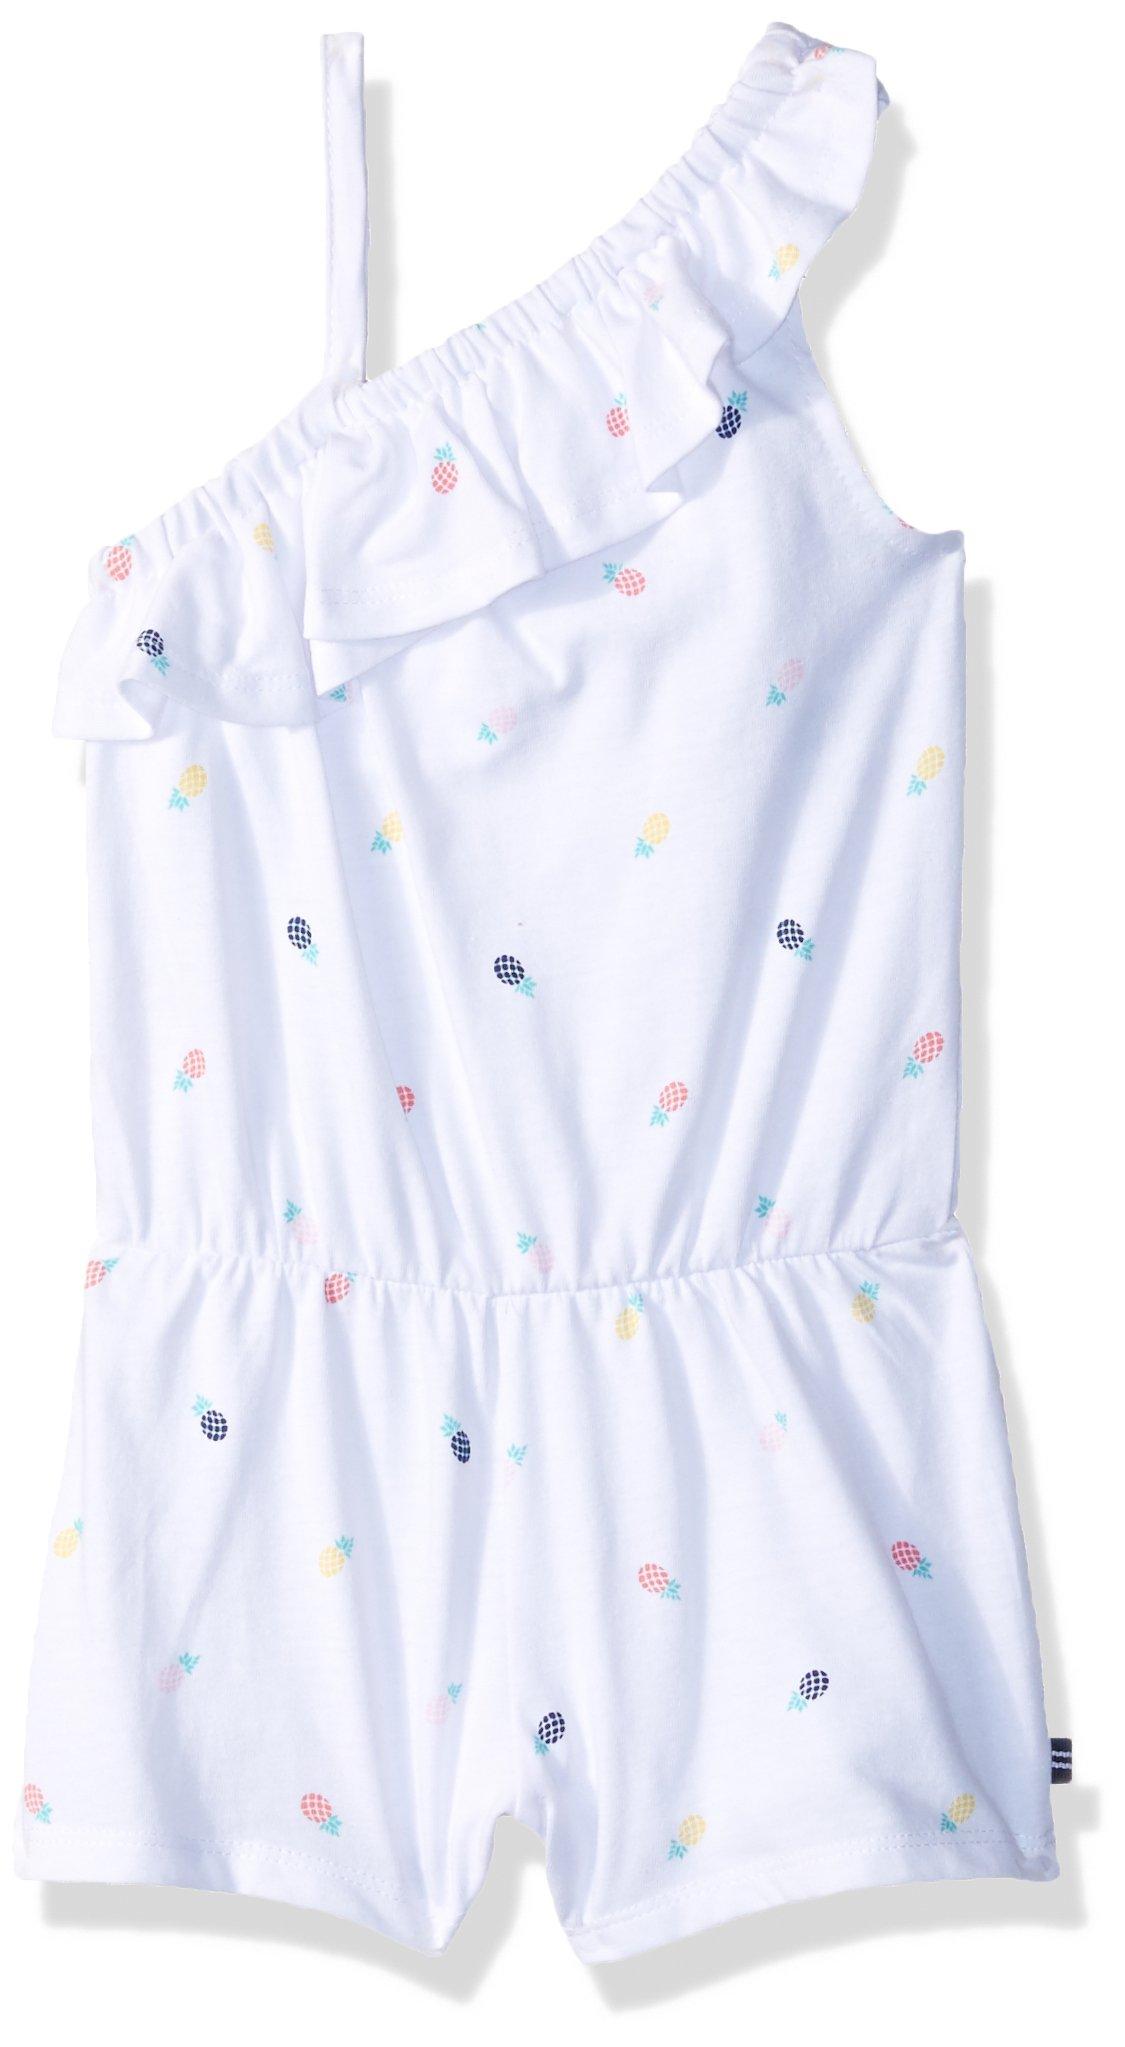 Nautica Baby Girls Fashion Romper, White Pineapple, 18M